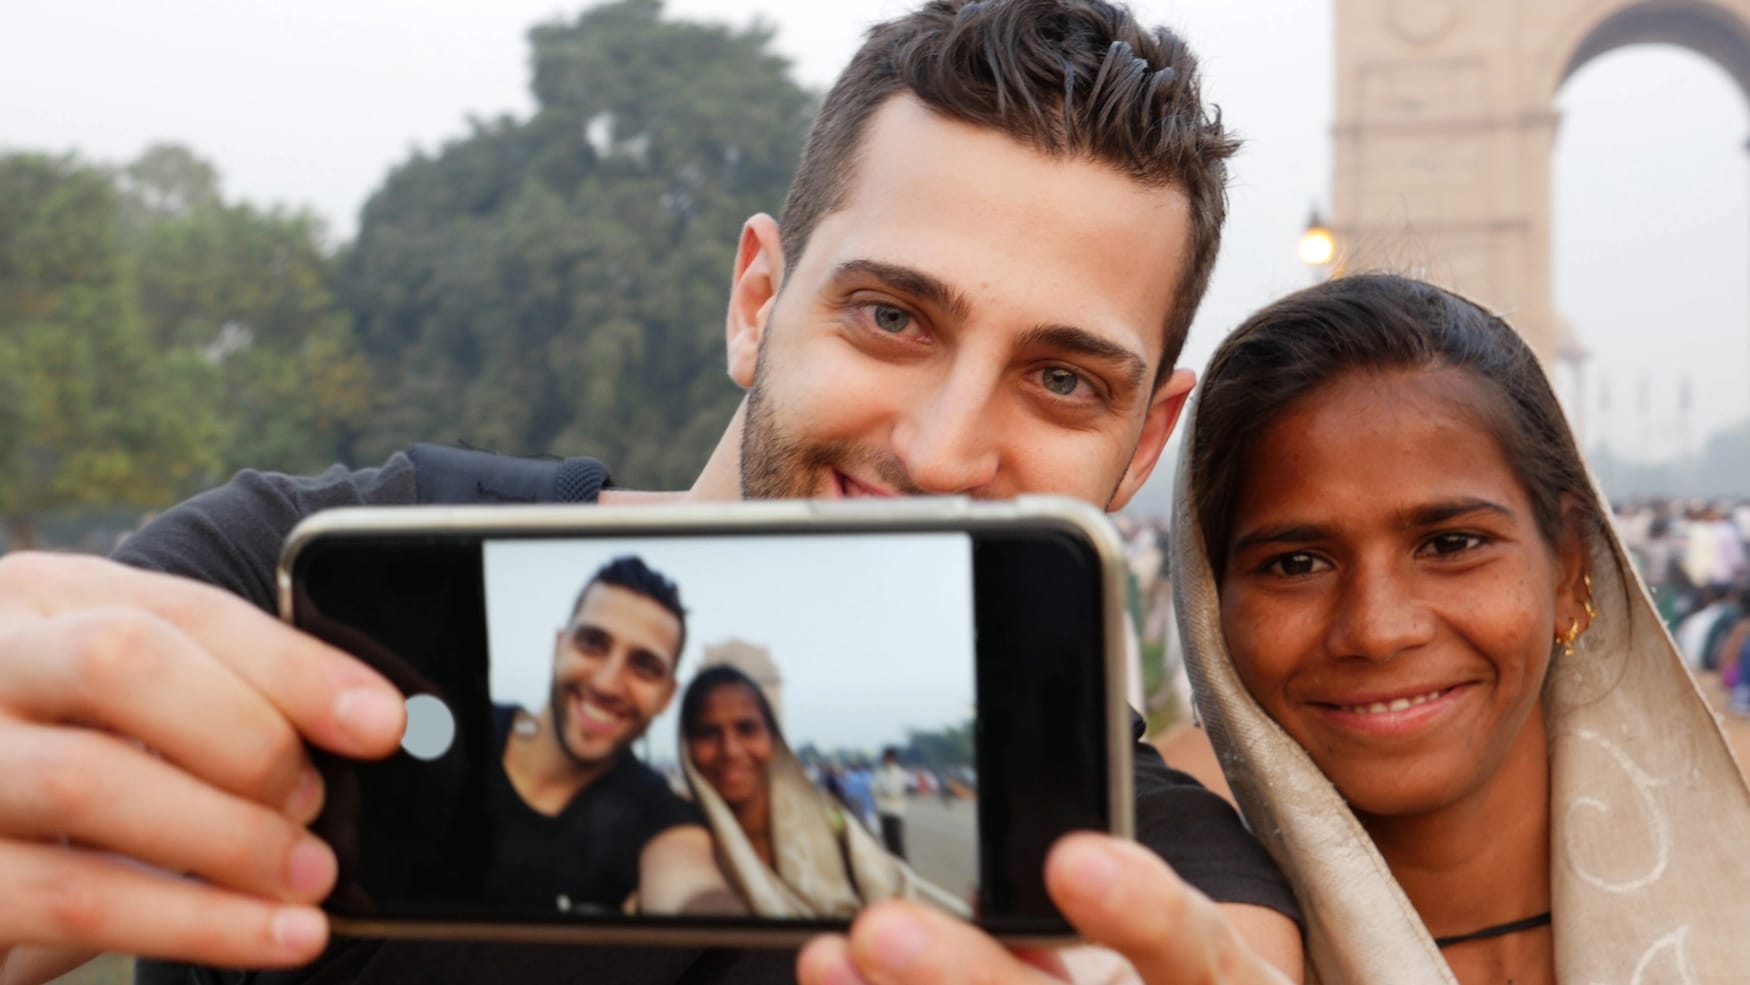 Alleine reisen und mit Locals in Kontakt kommen. So wie dieser Mann, der ein Selfie mit einer Inderin macht